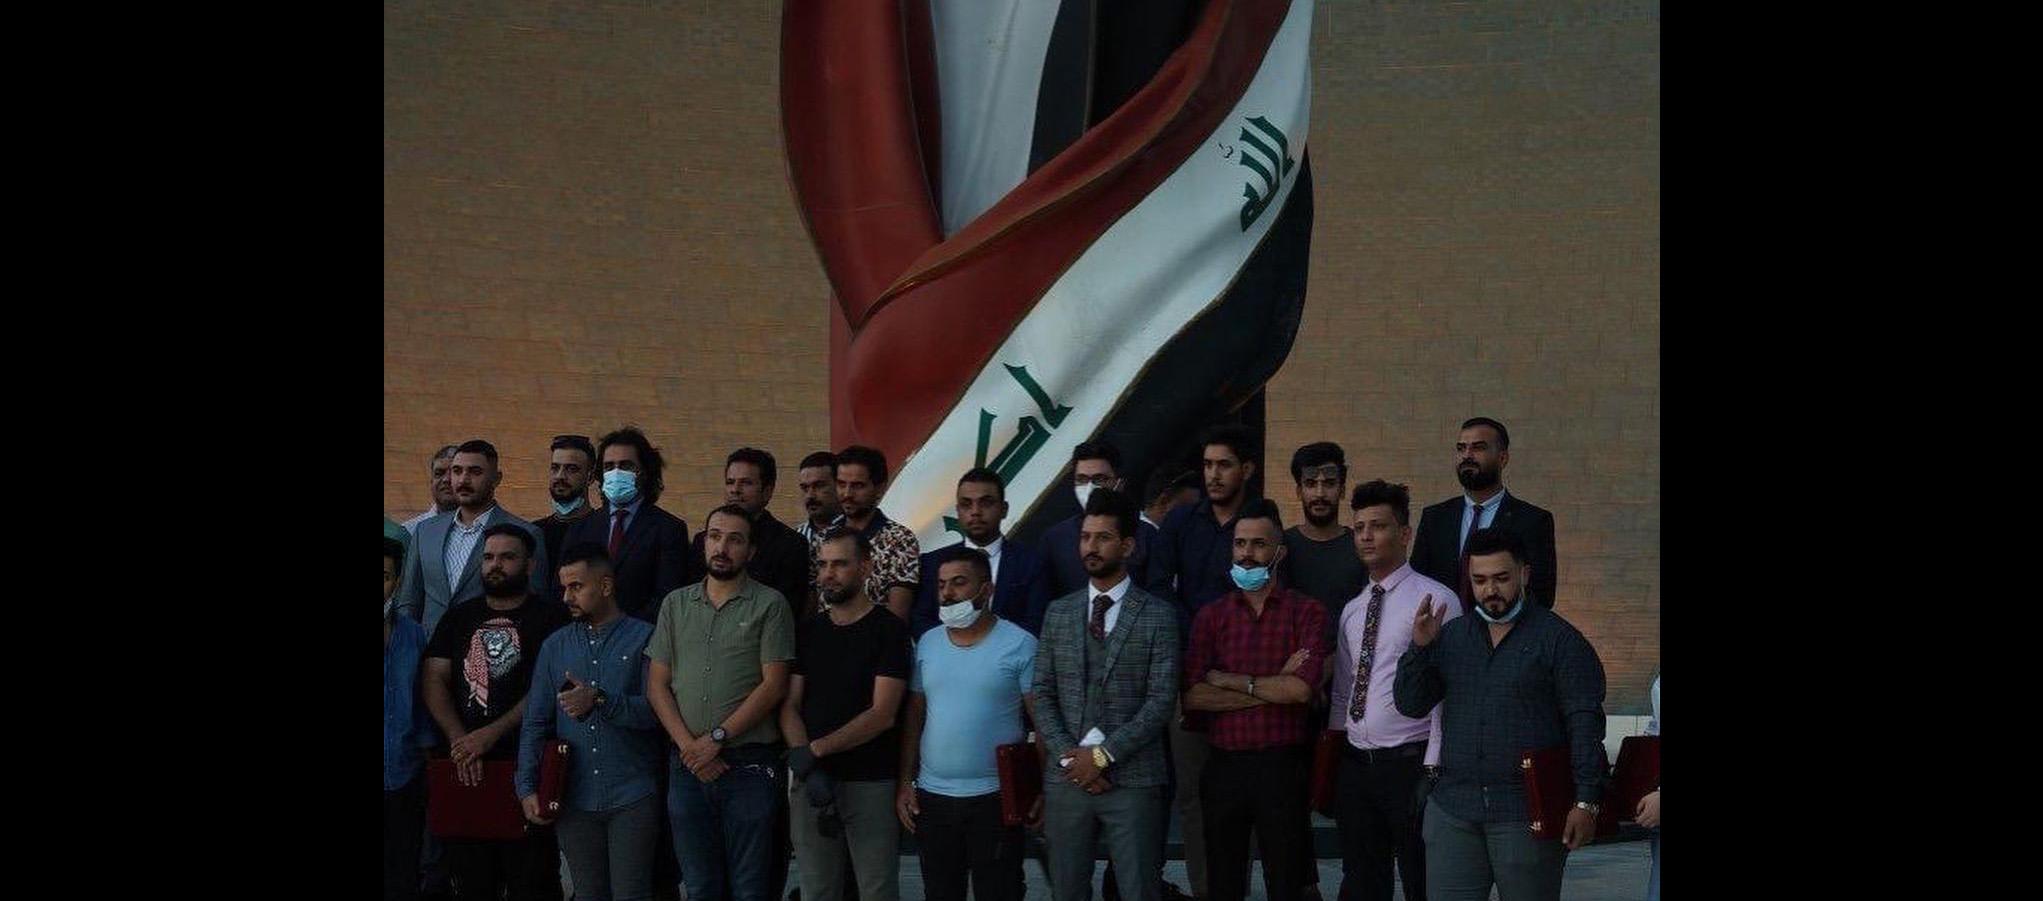 هشام الذهبي يحتفل بابطال العمل التطوعي